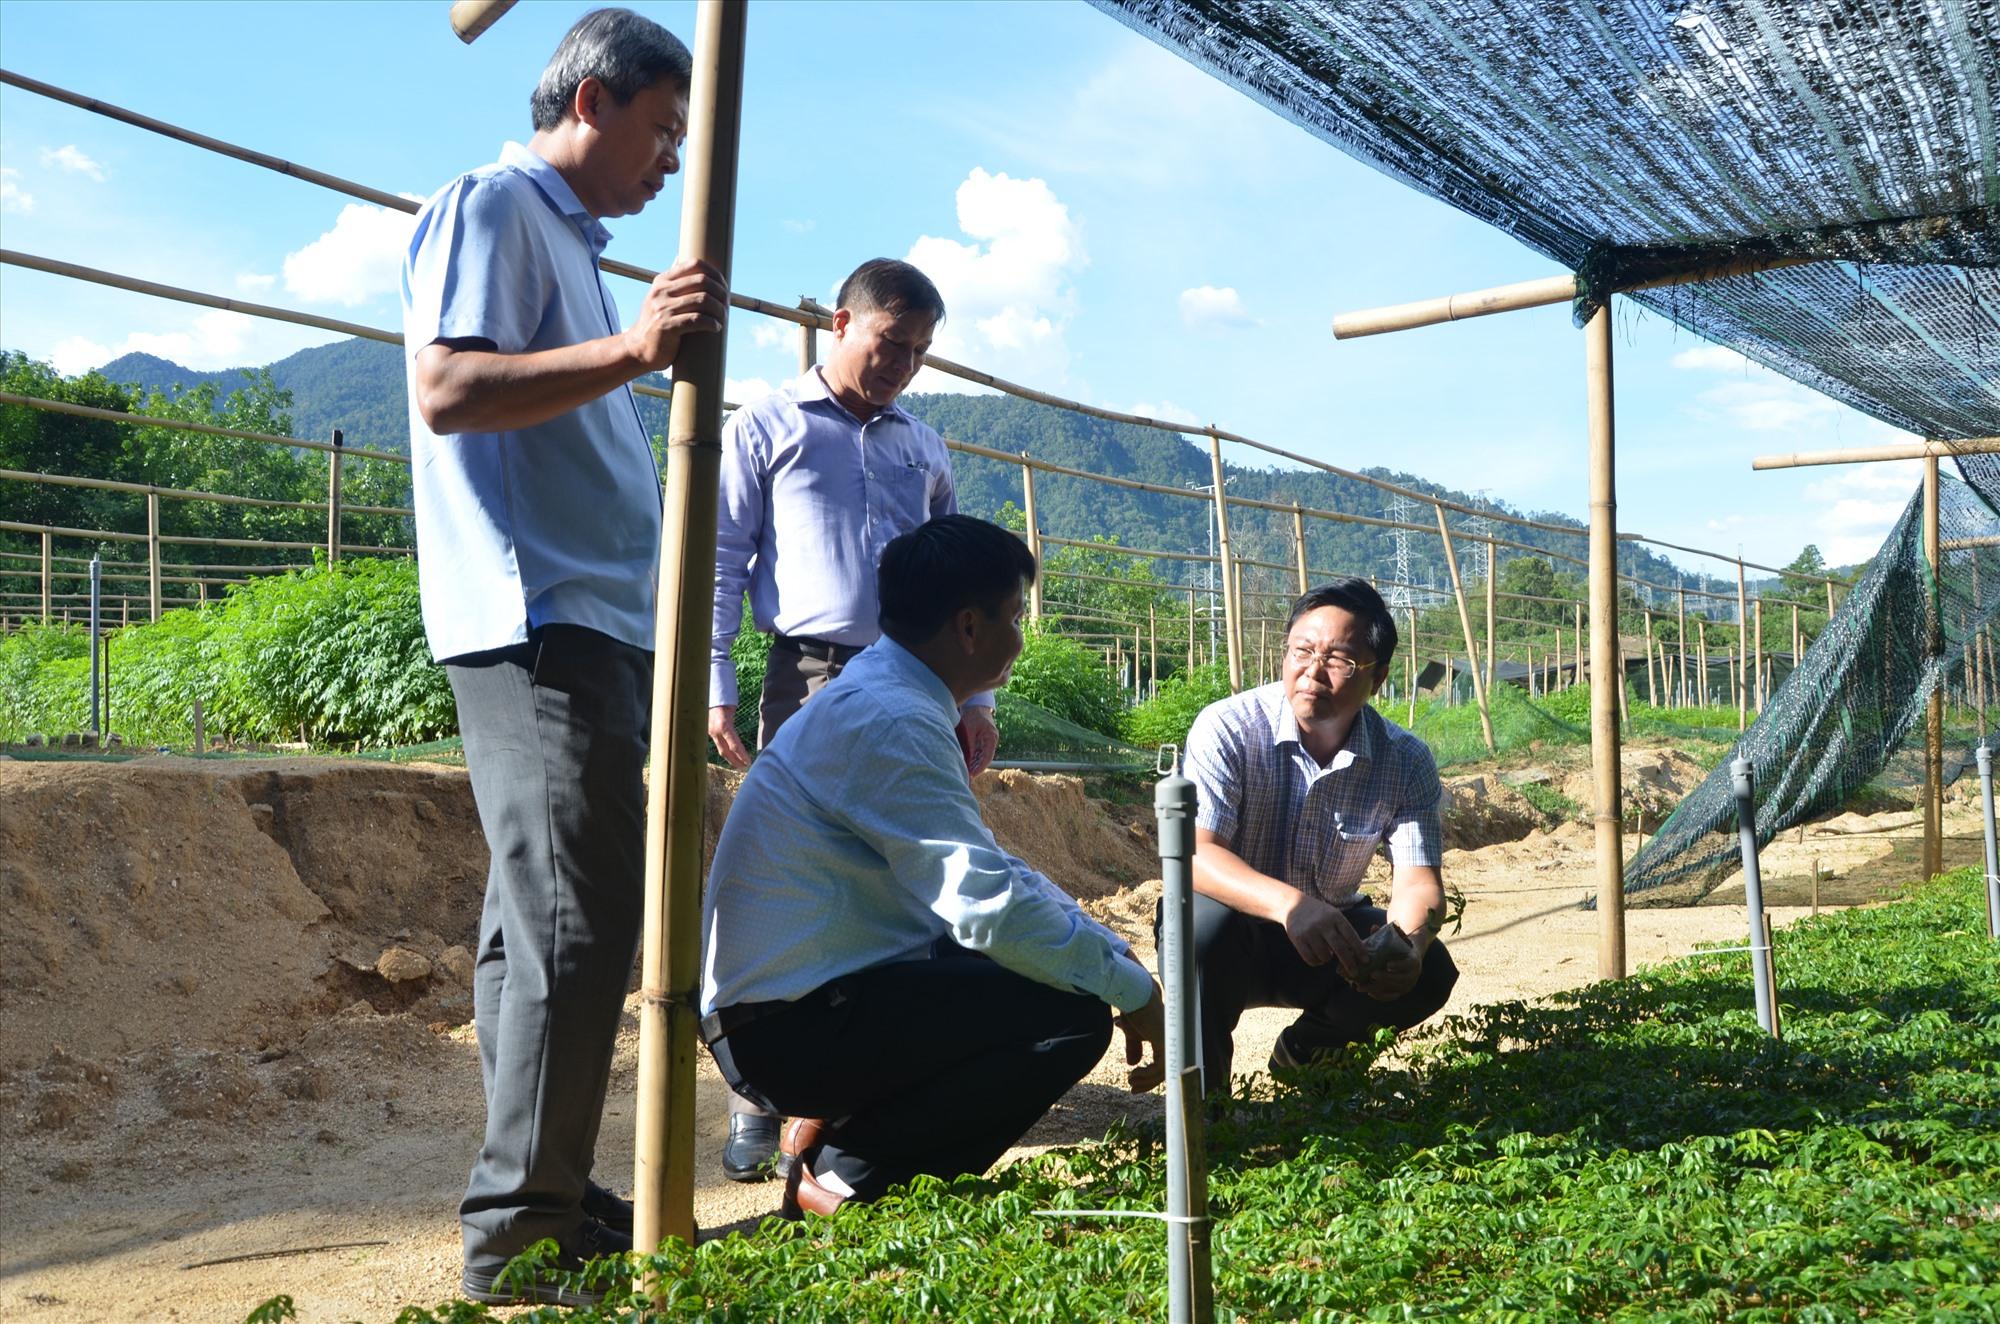 Chủ tich UBND tỉnh Lê Trí Thanh kiểm tra một vườm ươm cây giống trồng để lấy gỗ làm nhà tại Khu bảo tồn thiên nhiên Sông Thanh. Ảnh: H.P